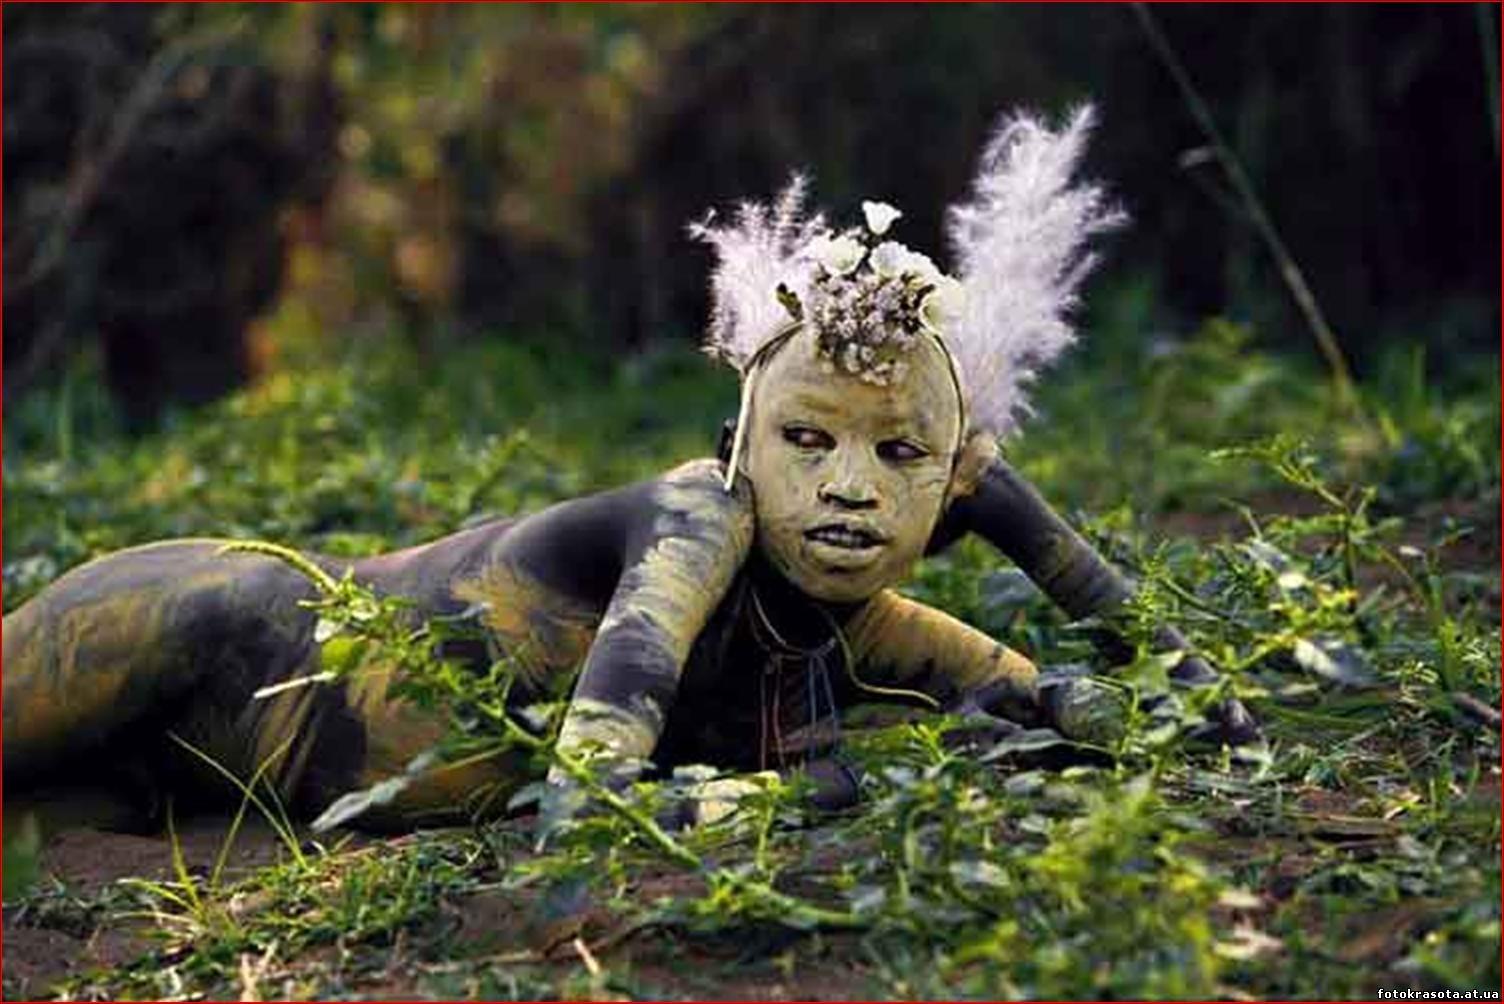 Фото дикие племена в африке 10 фотография